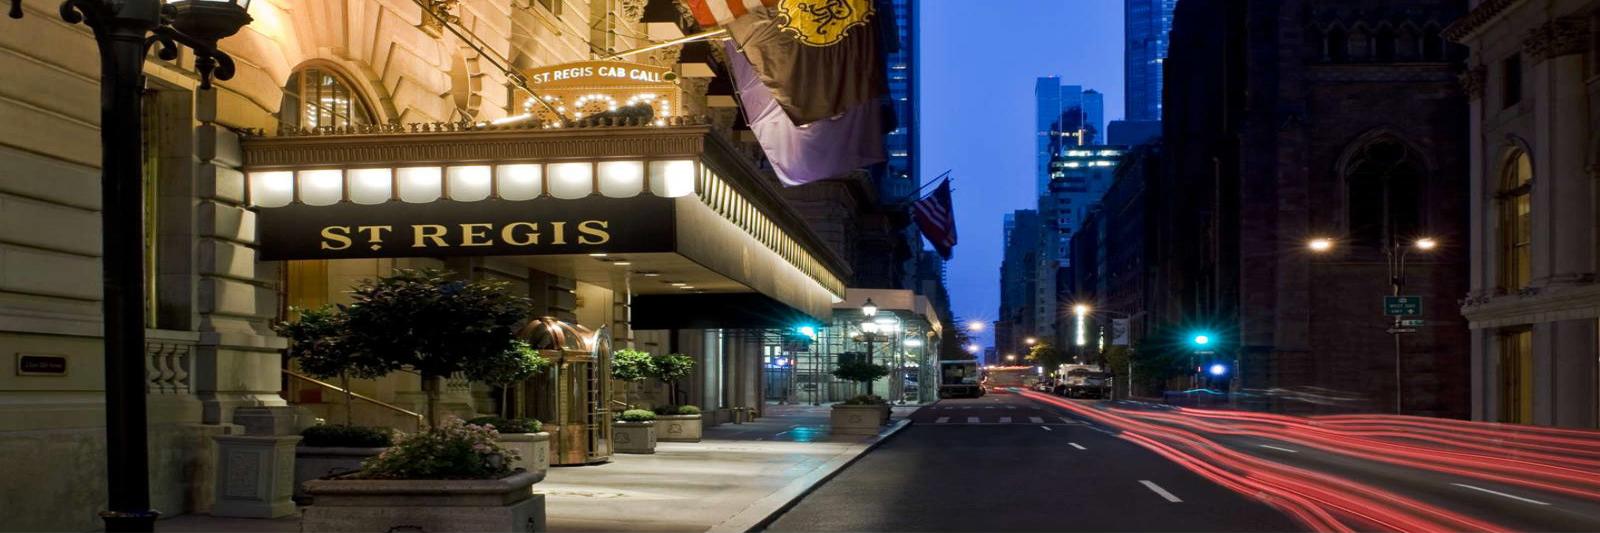 The St. Regis New York